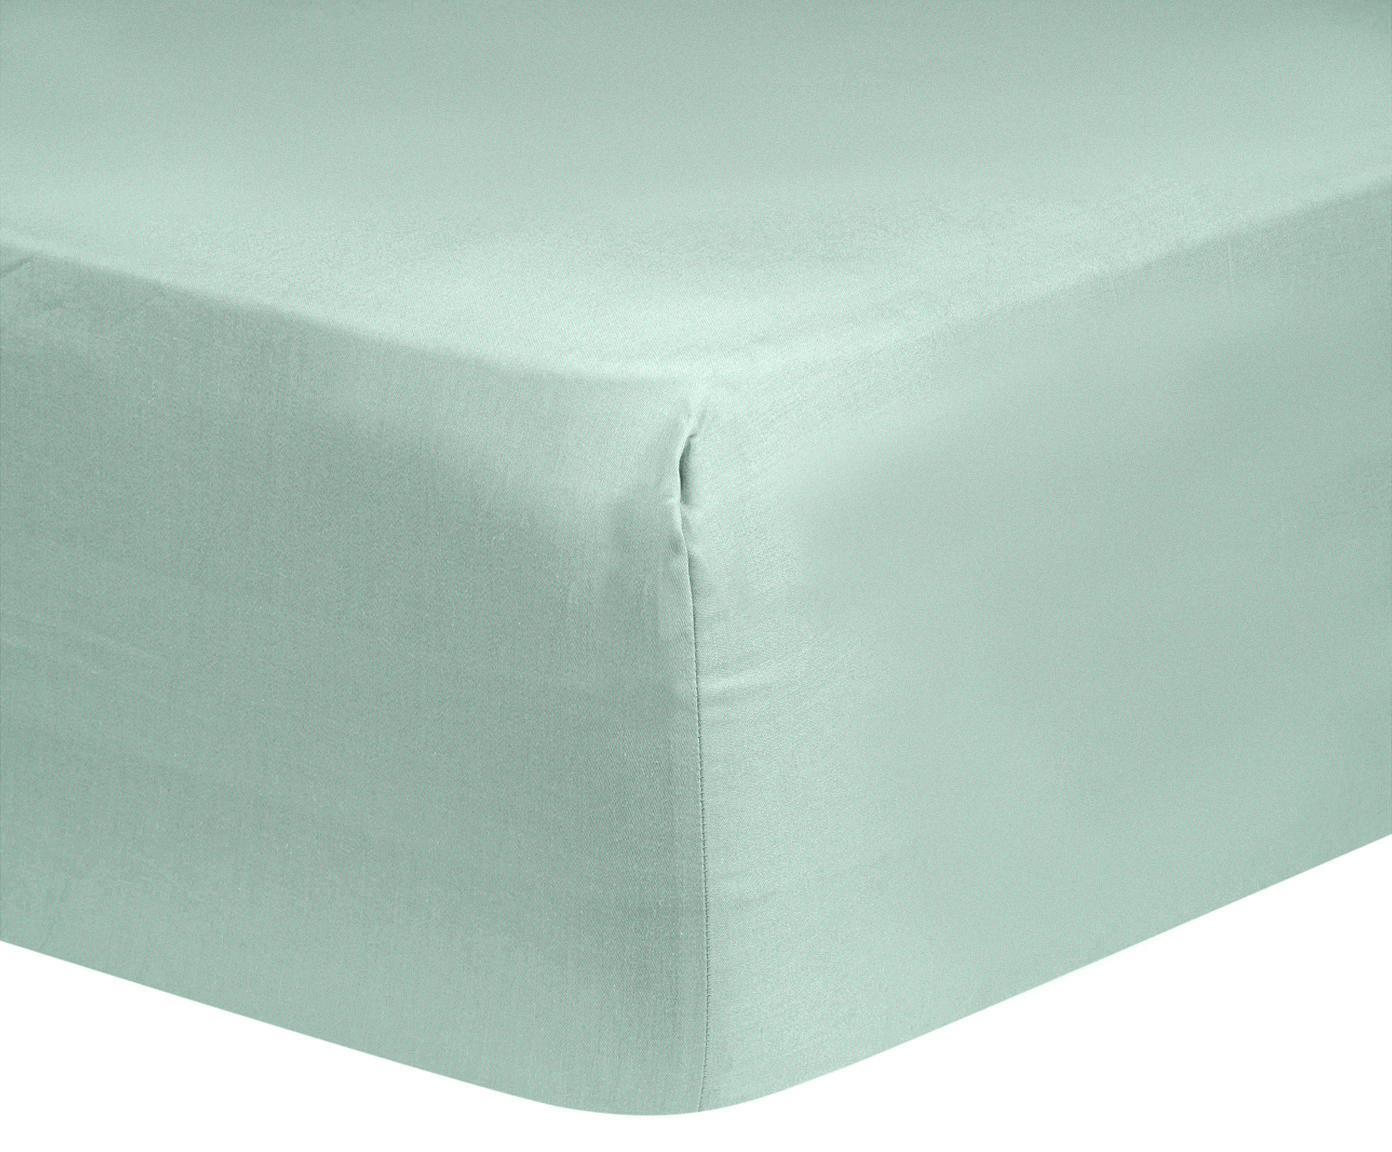 Prześcieradło z gumką z satyny bawełnianej Comfort, Szałwiowy zielony, S 180 x D 200 cm